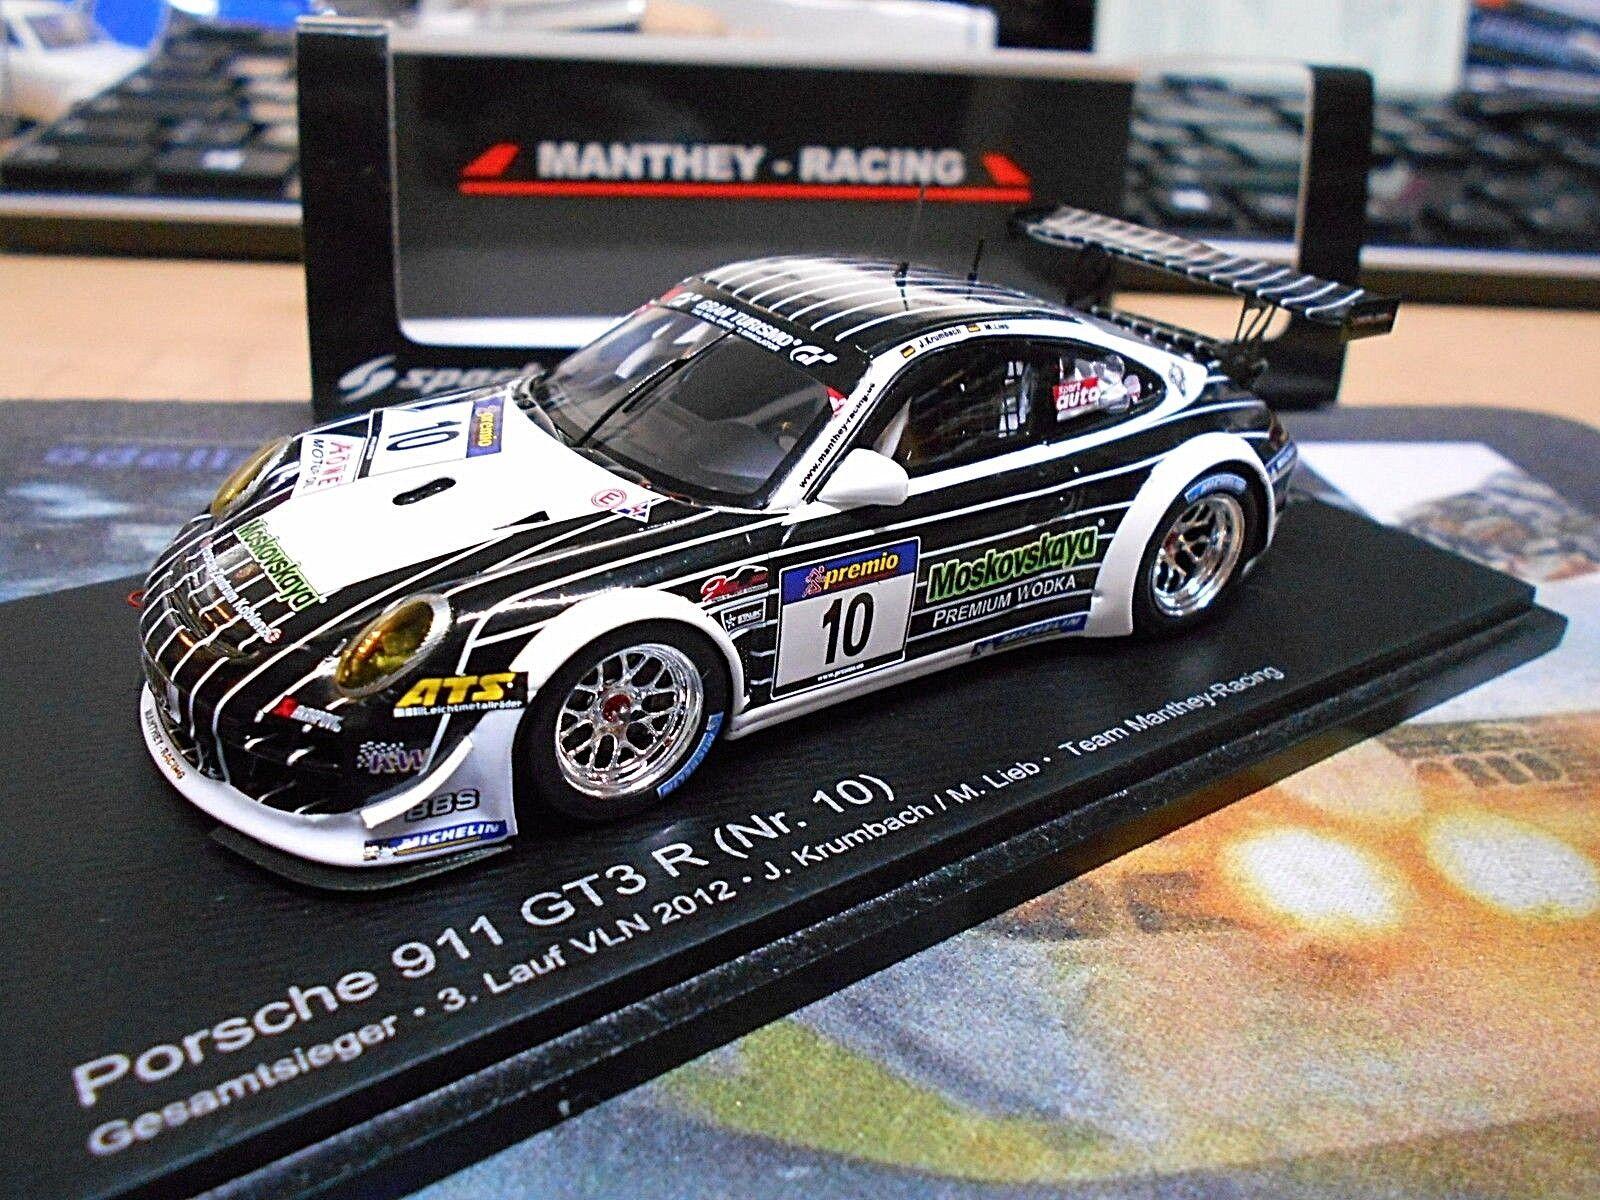 Porsche 911 997 gt3 R VLN 2012 dulce Krumbach Manthey Moskovskaya Spark 1 43